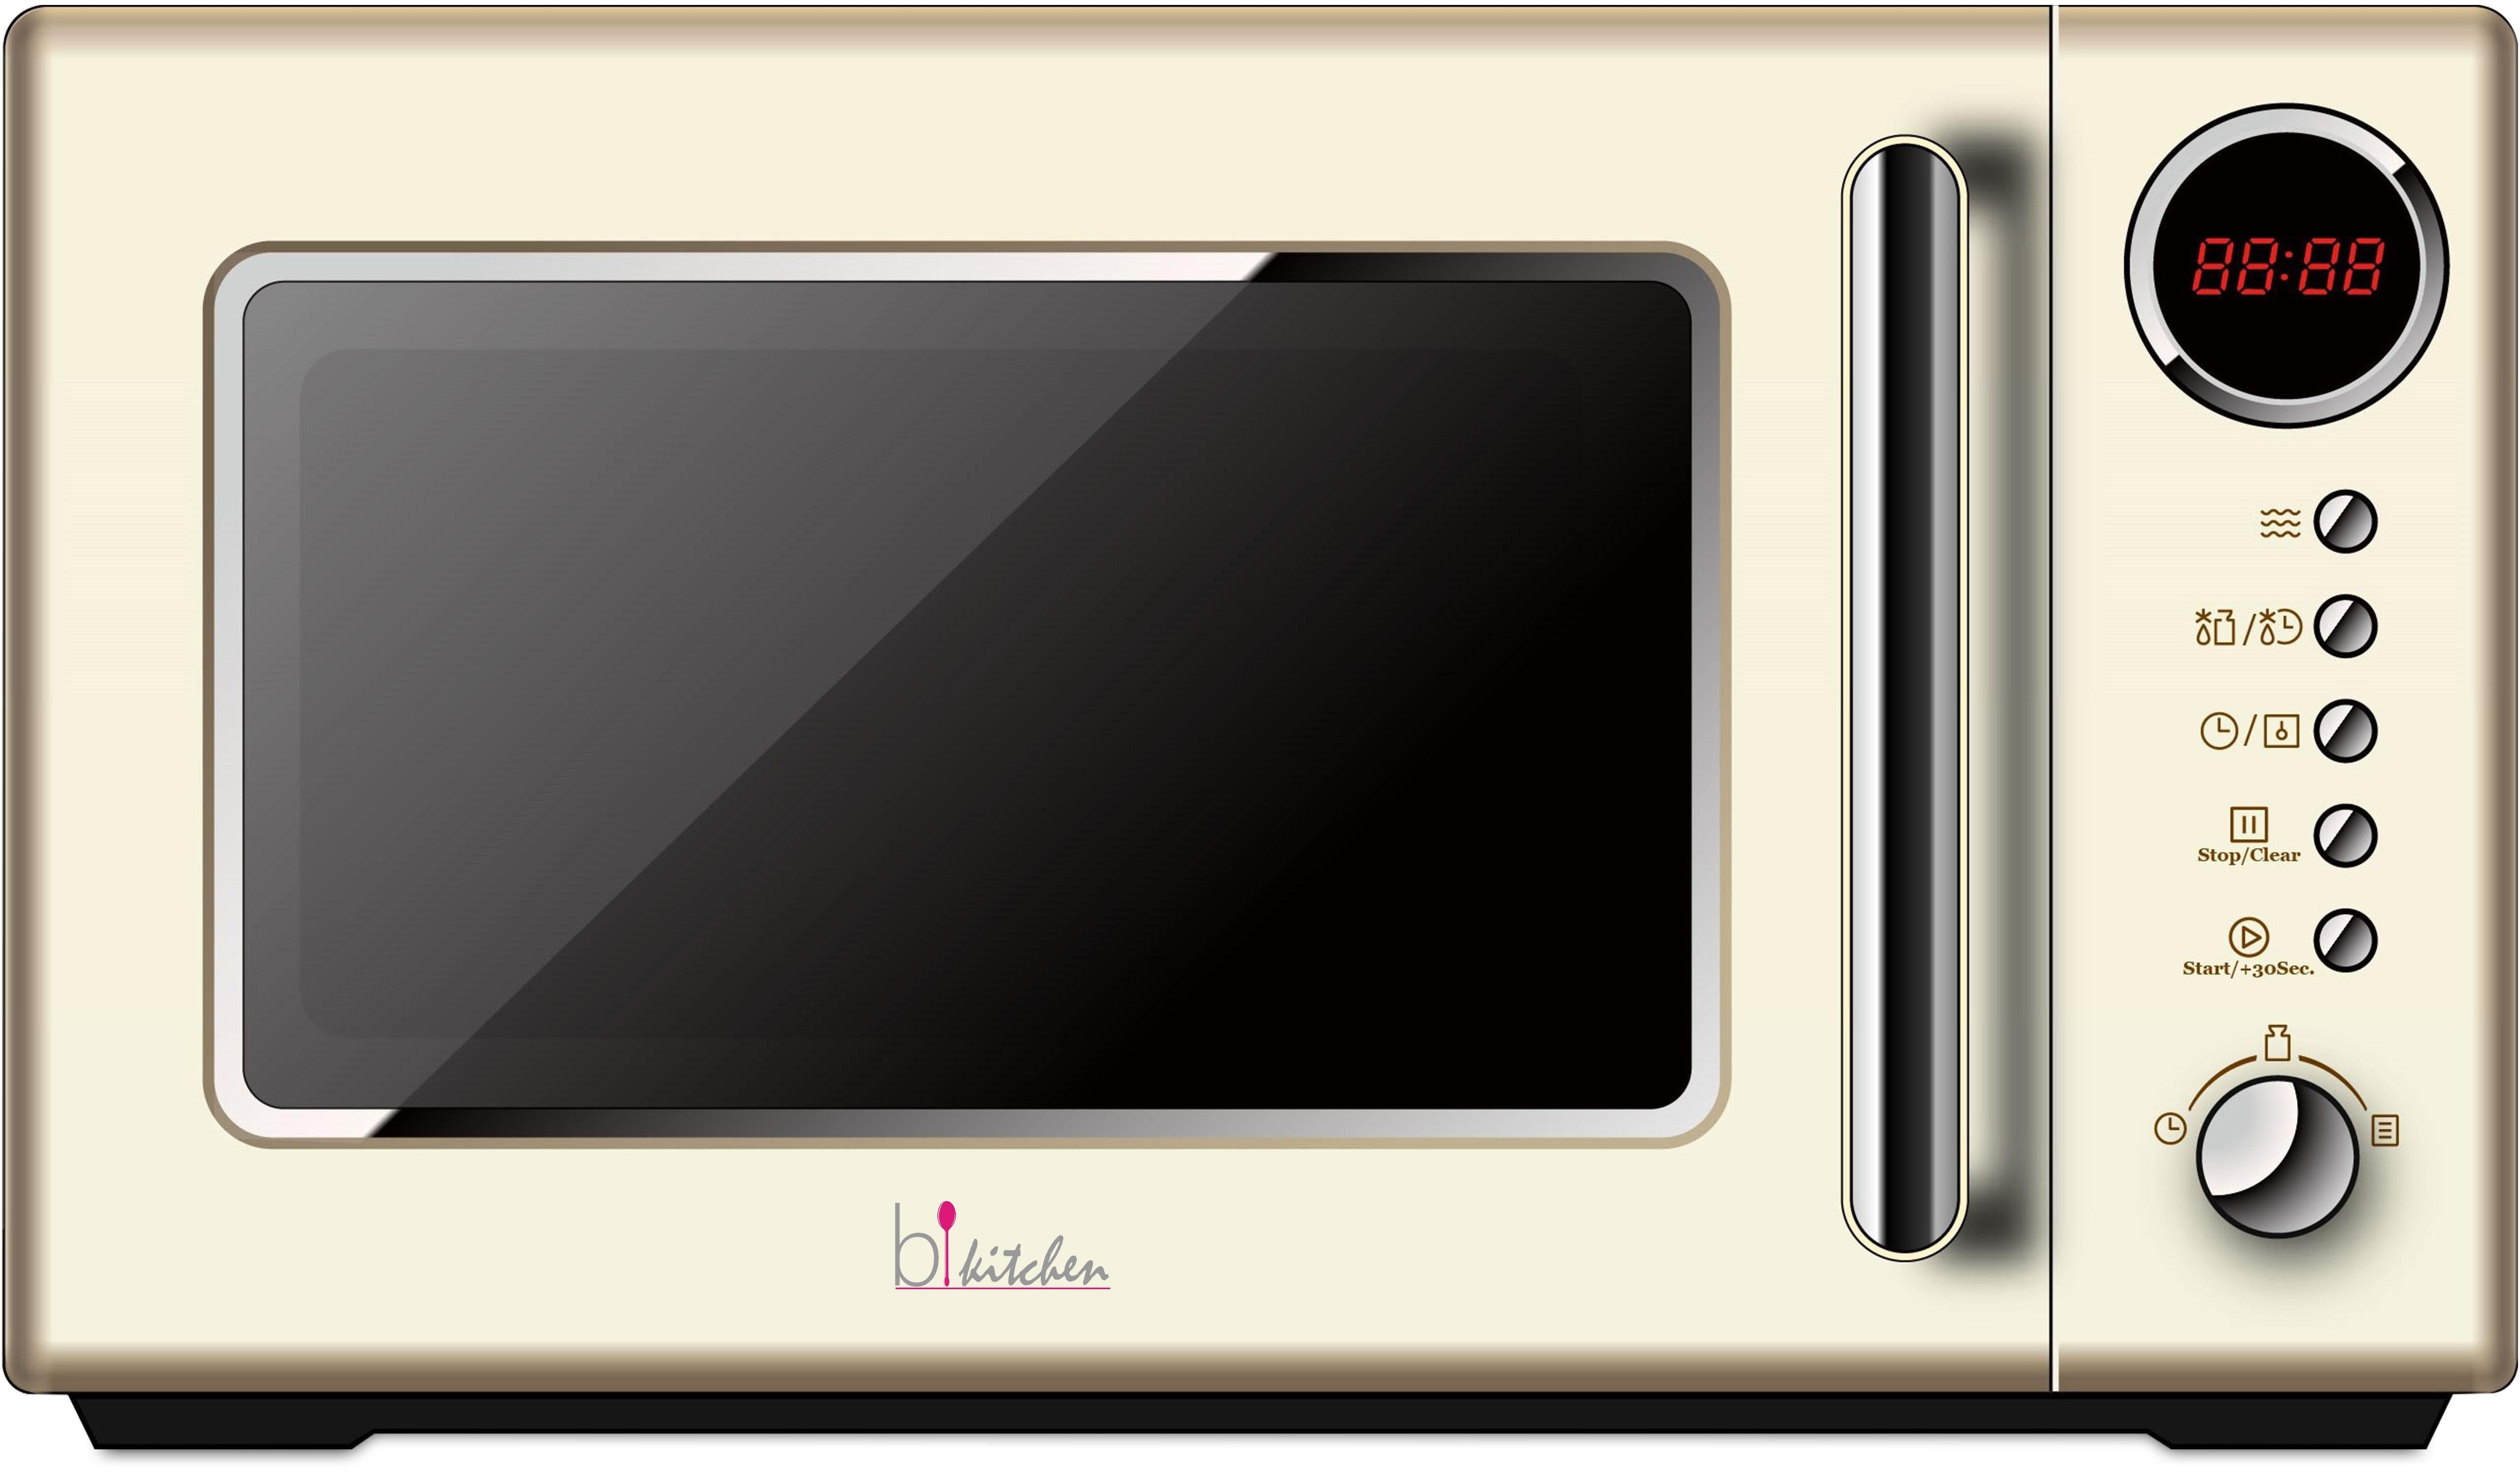 Bkitchen Retro Mikrowelle Cook 815, 20 Liter Garraum, 700 Watt, beige